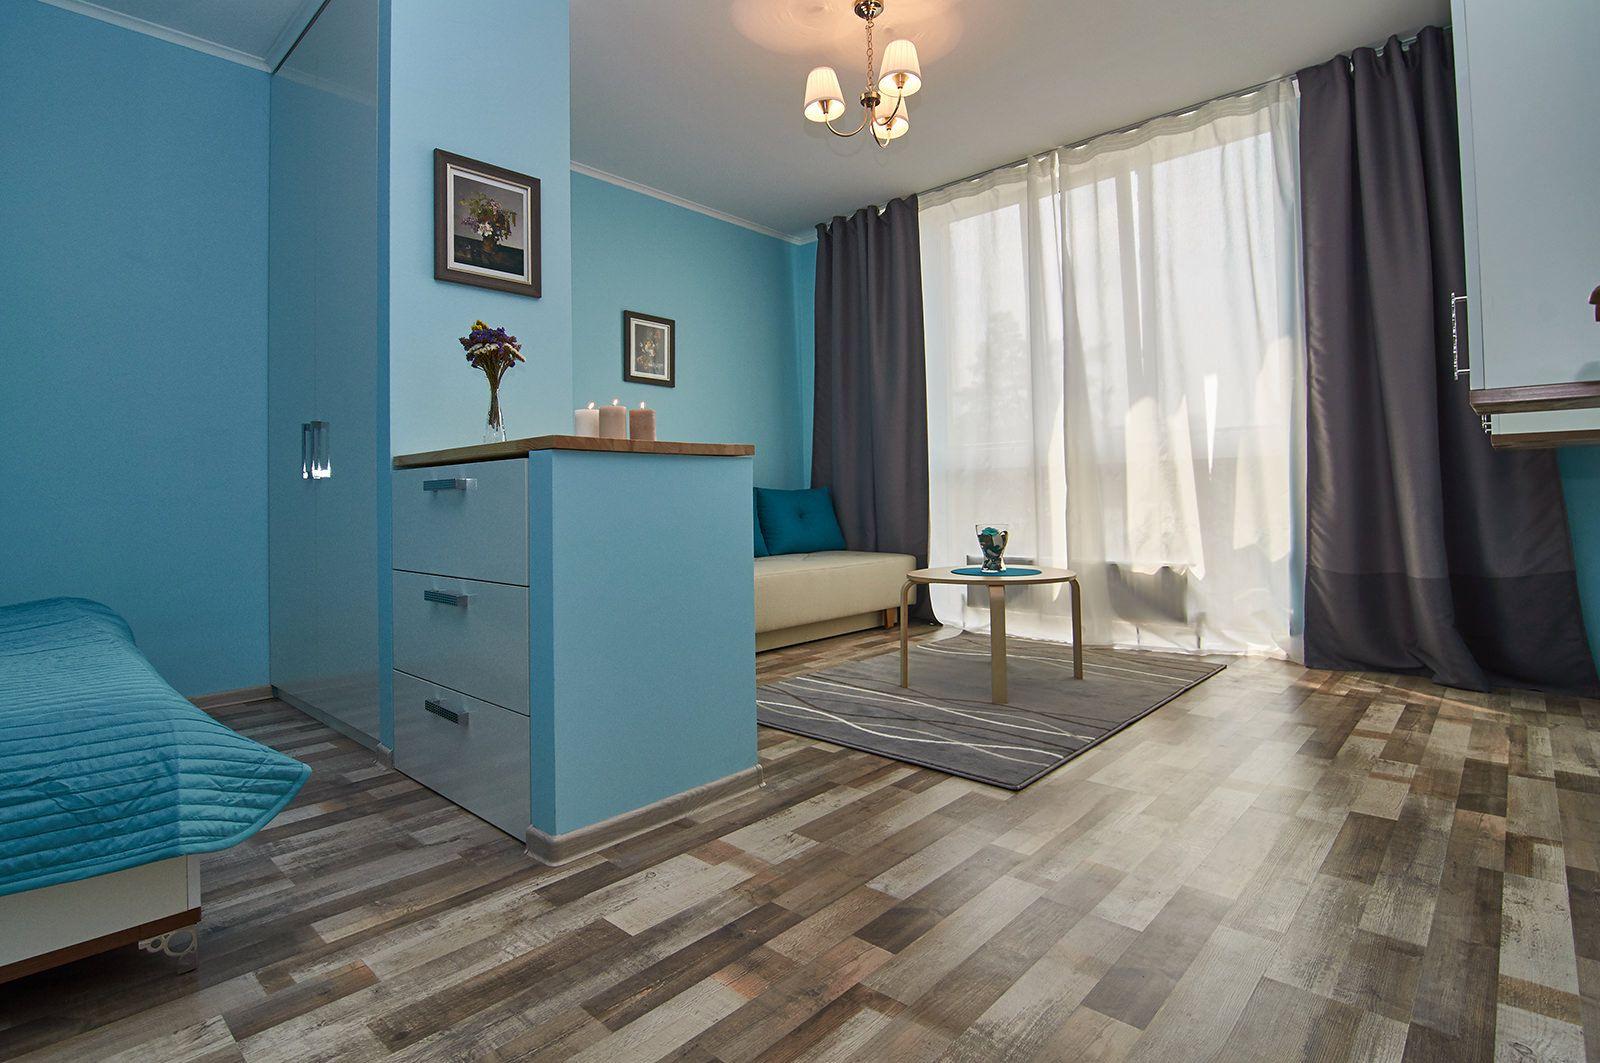 Дизайн квартир в голубых тонах